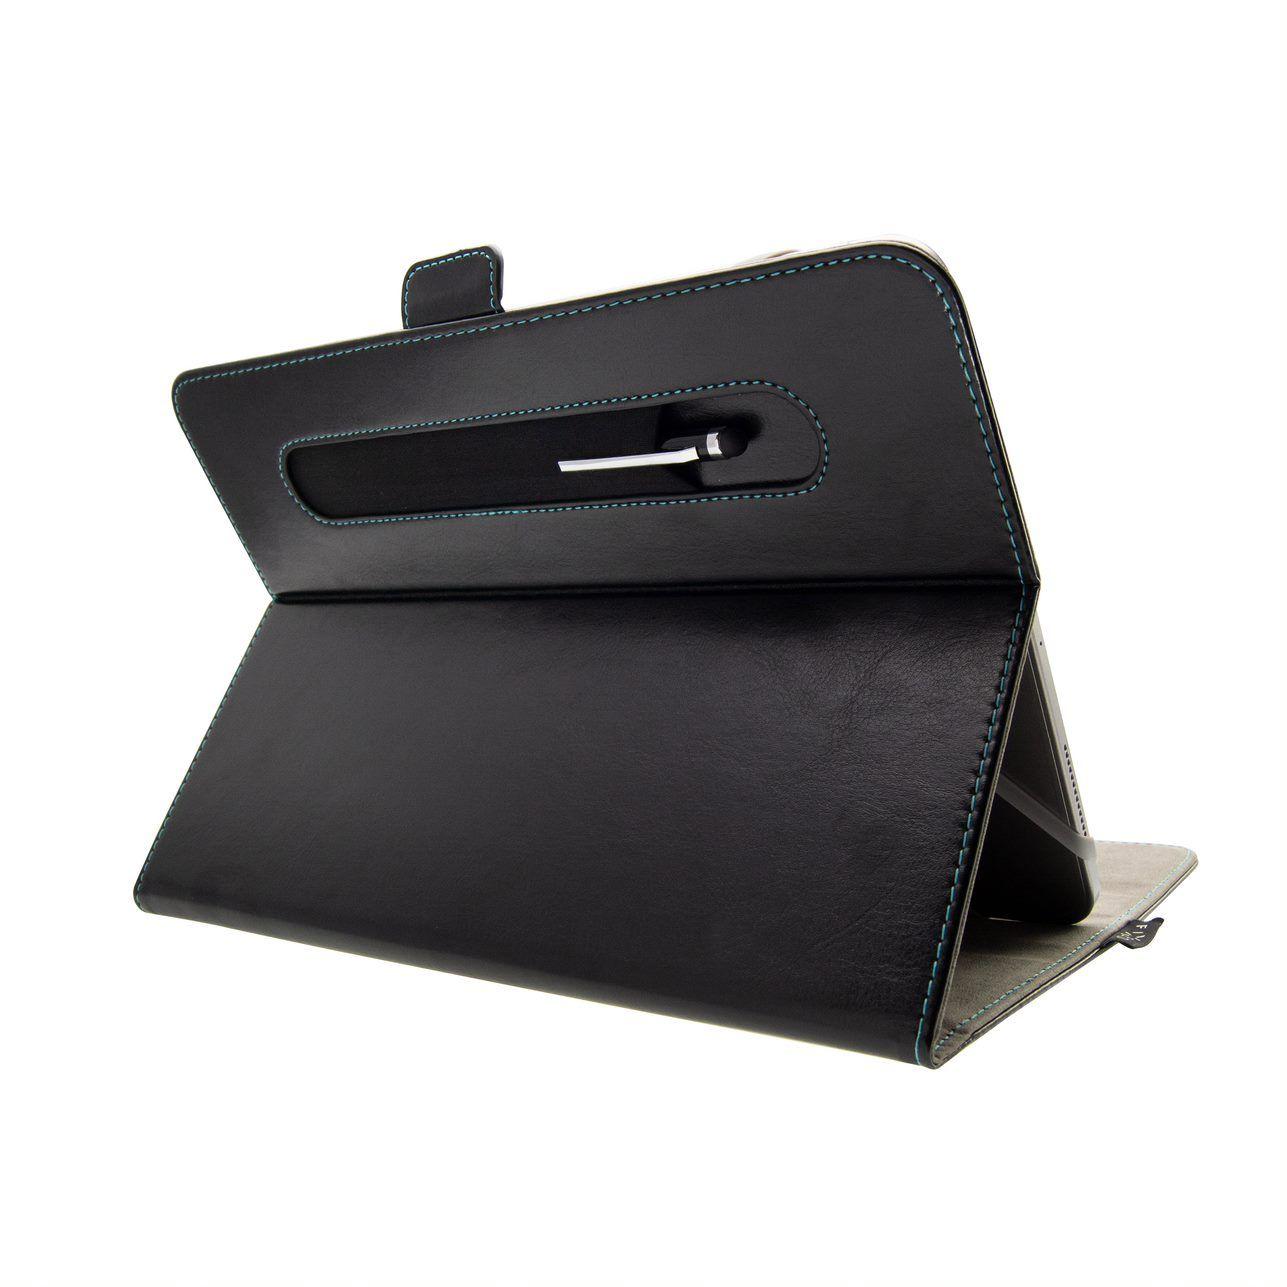 """FIXED Novel pouzdro pro 10.1"""" tablety se stojánkem a kapsou, černé"""